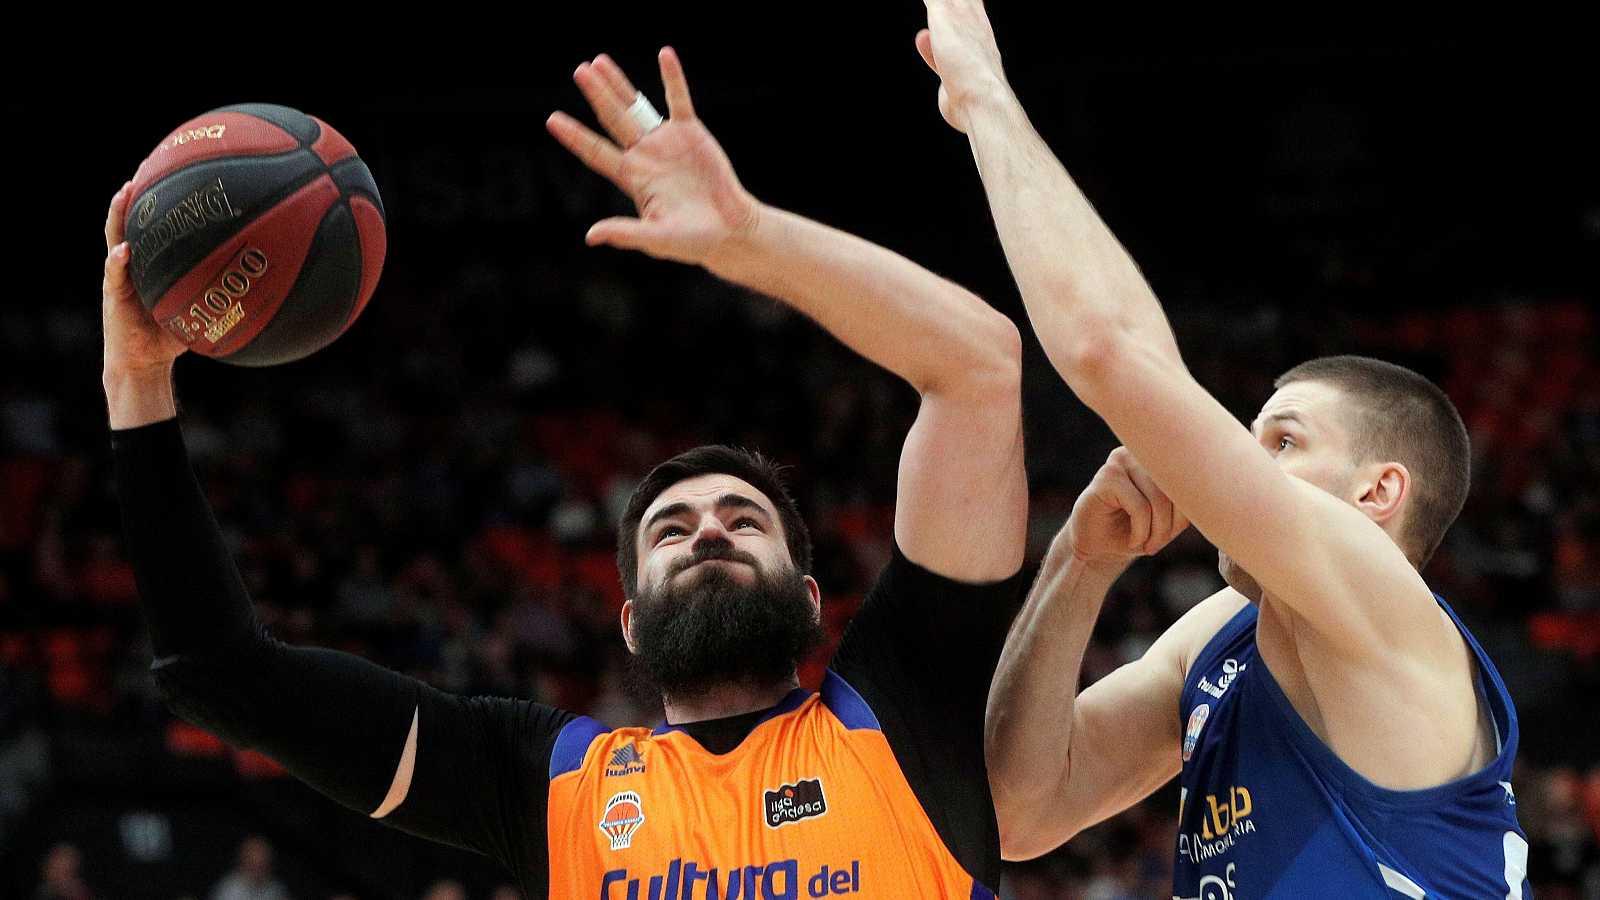 El pívot del Valencia Basket, Bojan Dubljevic (i), trata de encestar ante la oposición del ala-pívot del San Pablo Burgos, Dragan Apic (d)